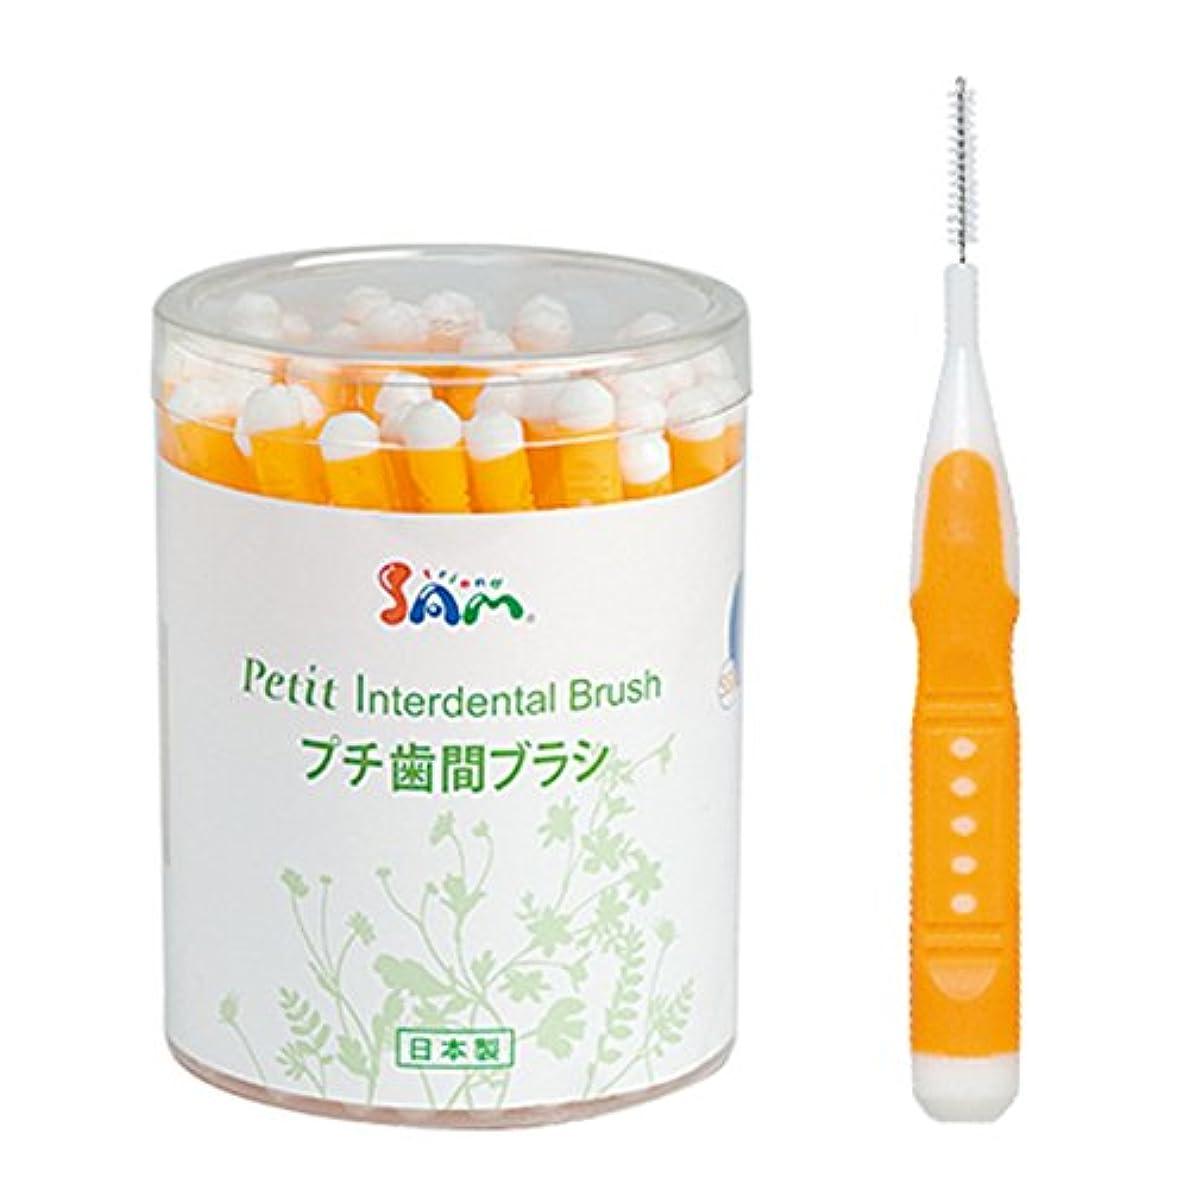 仕事に行く受粉する報酬のサムフレンド プチ歯間ブラシ I型 50本入 (SSS(オレンジ))